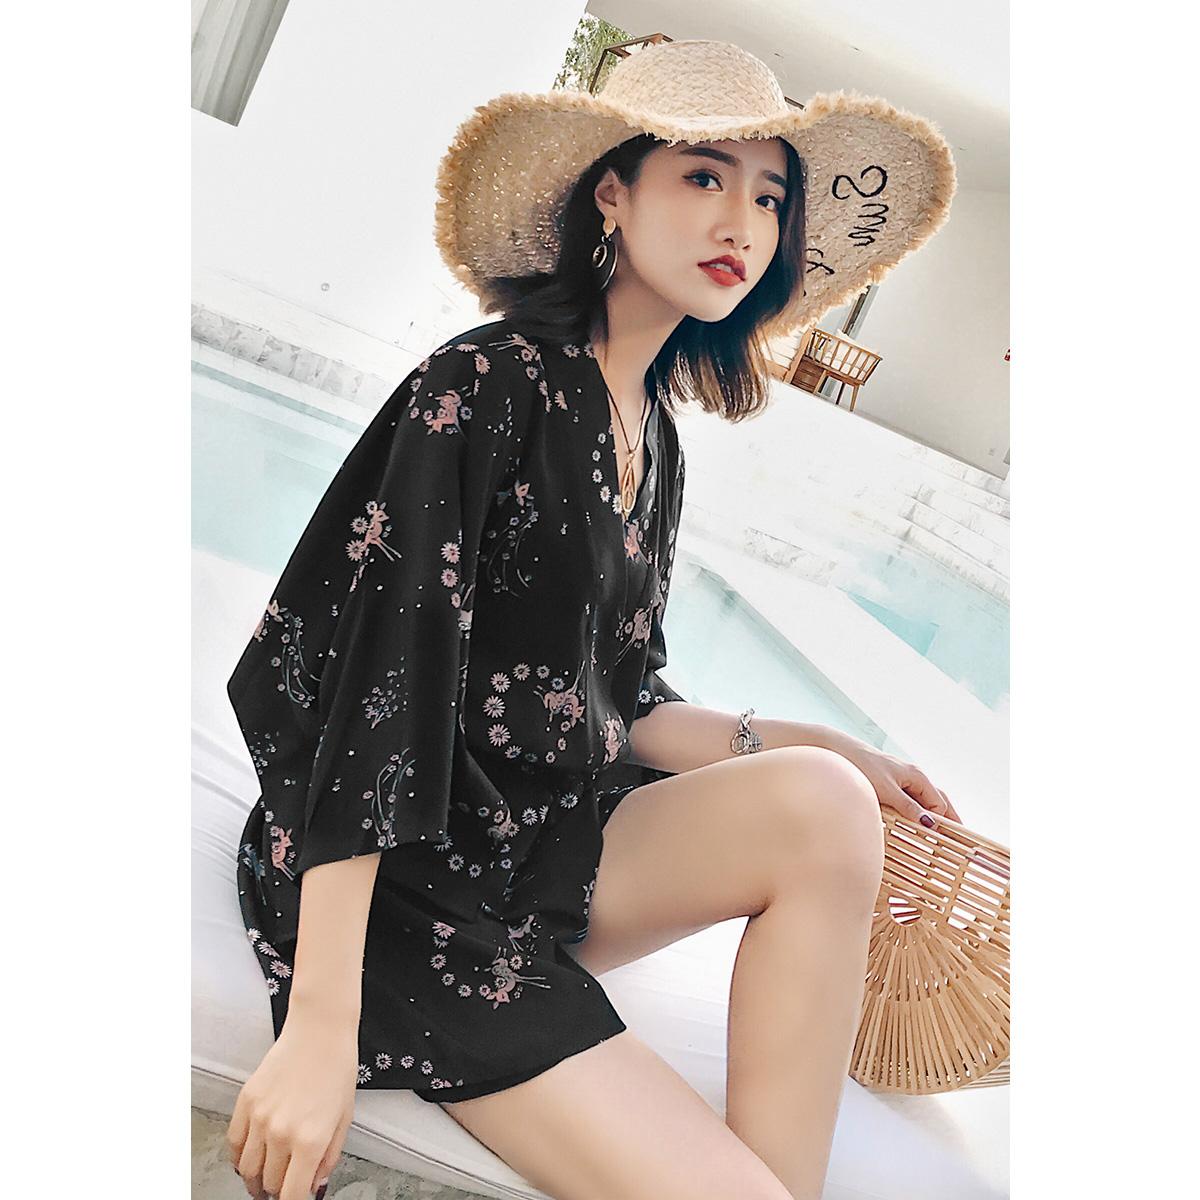 度假小姐黑色套装女夏高腰雪纺裙裤